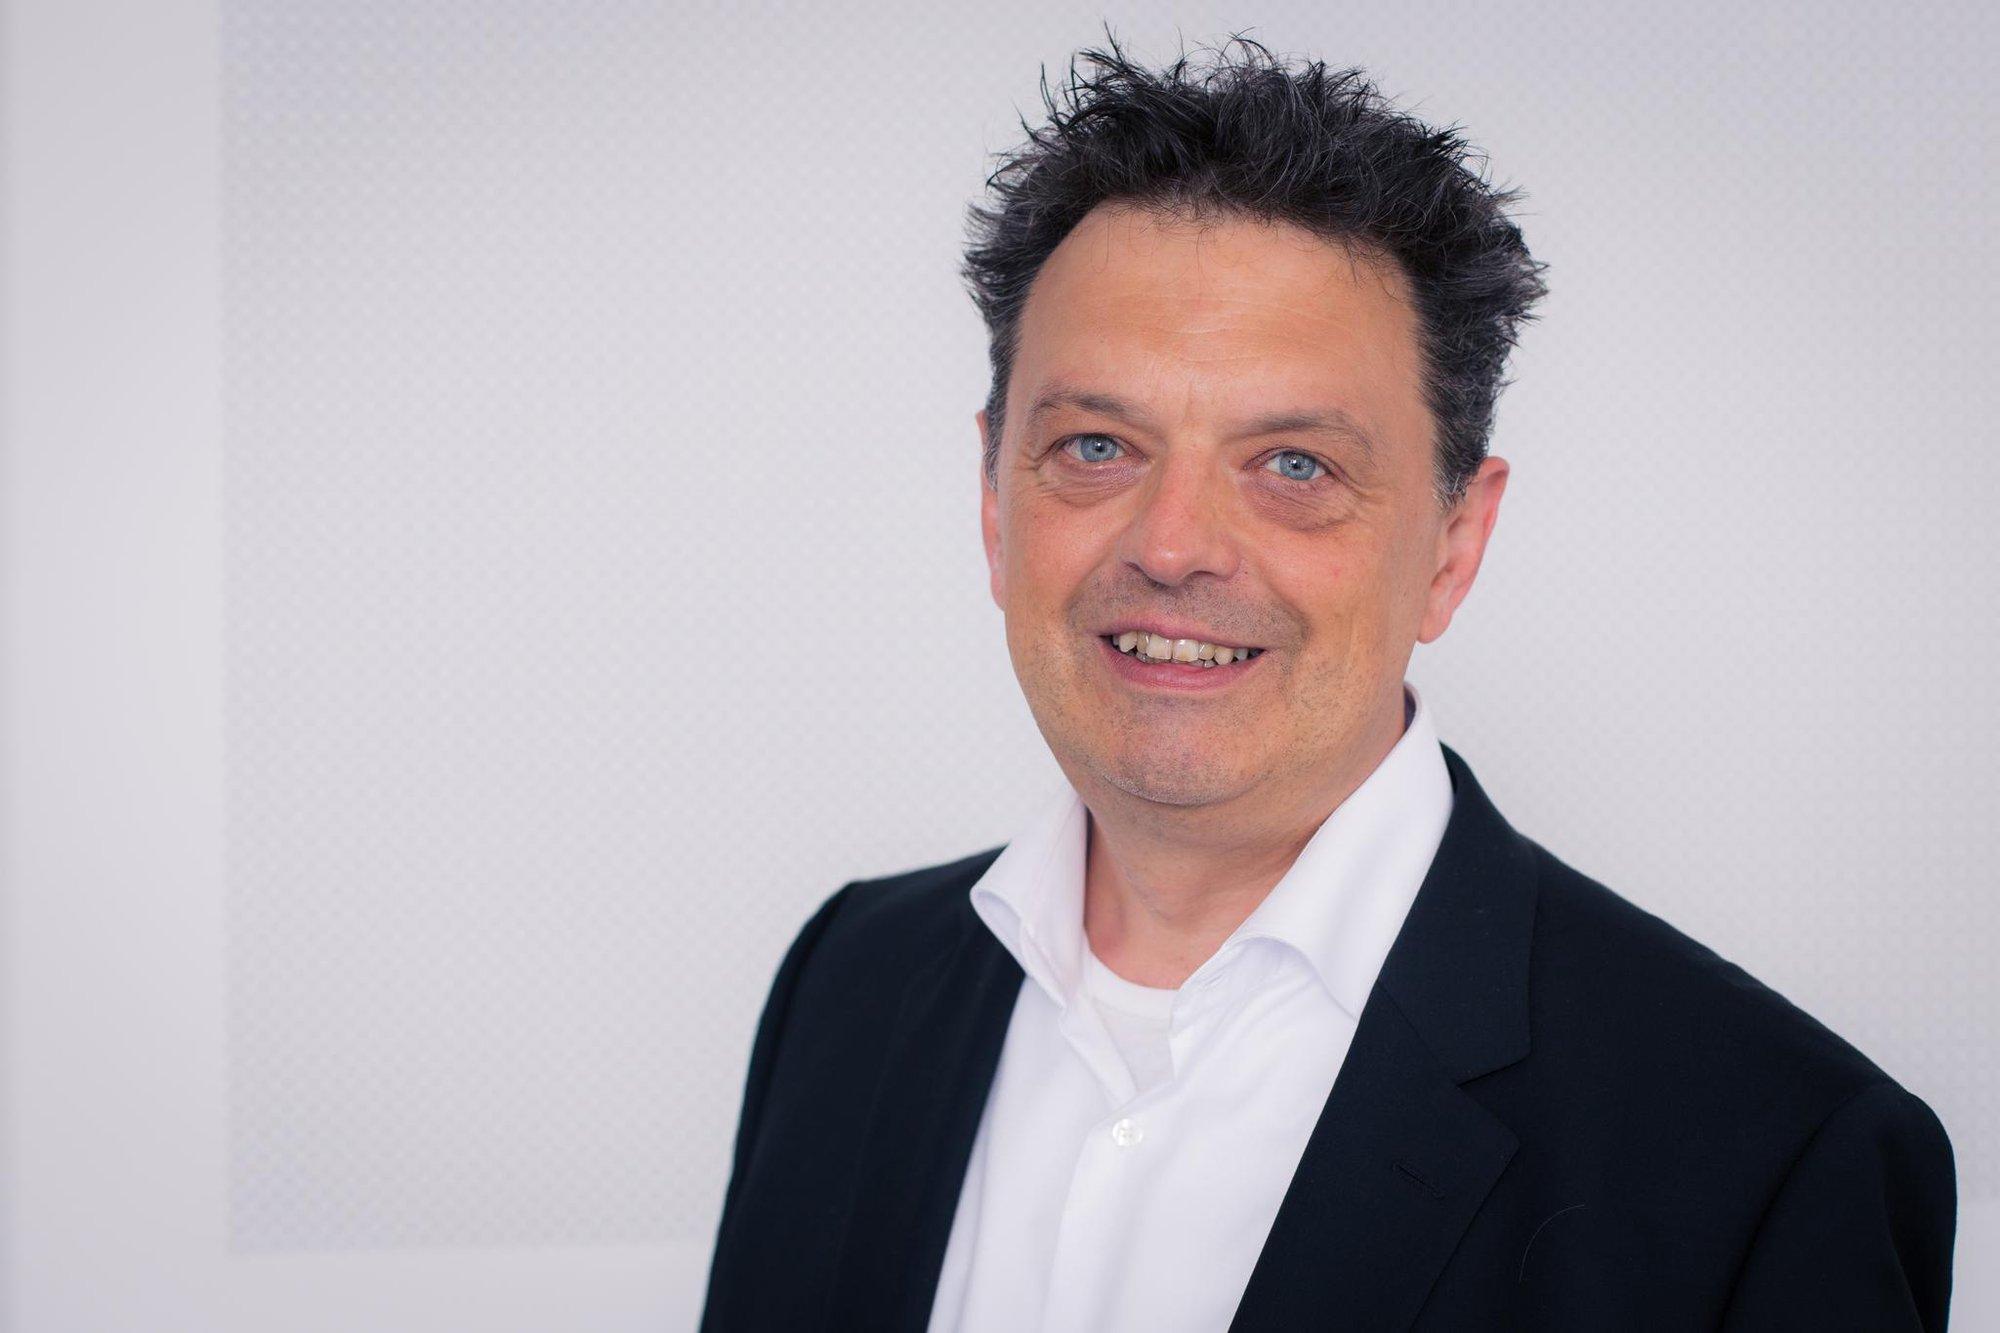 Jörg Weingarten